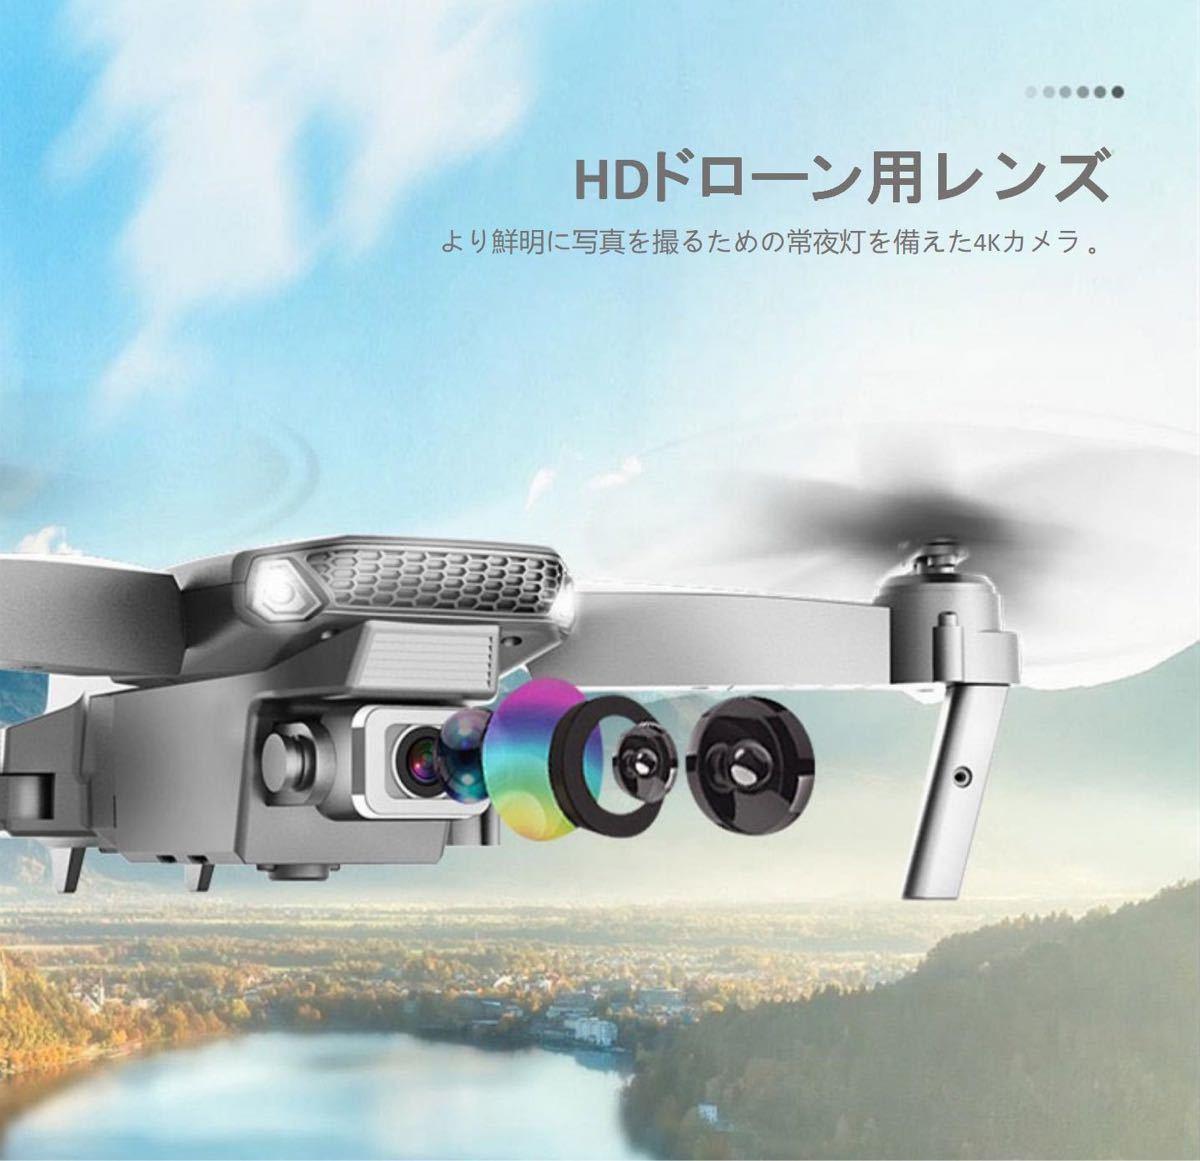 ドローン 4Kカメラ付き  小型 初心者向け  折り畳み 収納ケース付き